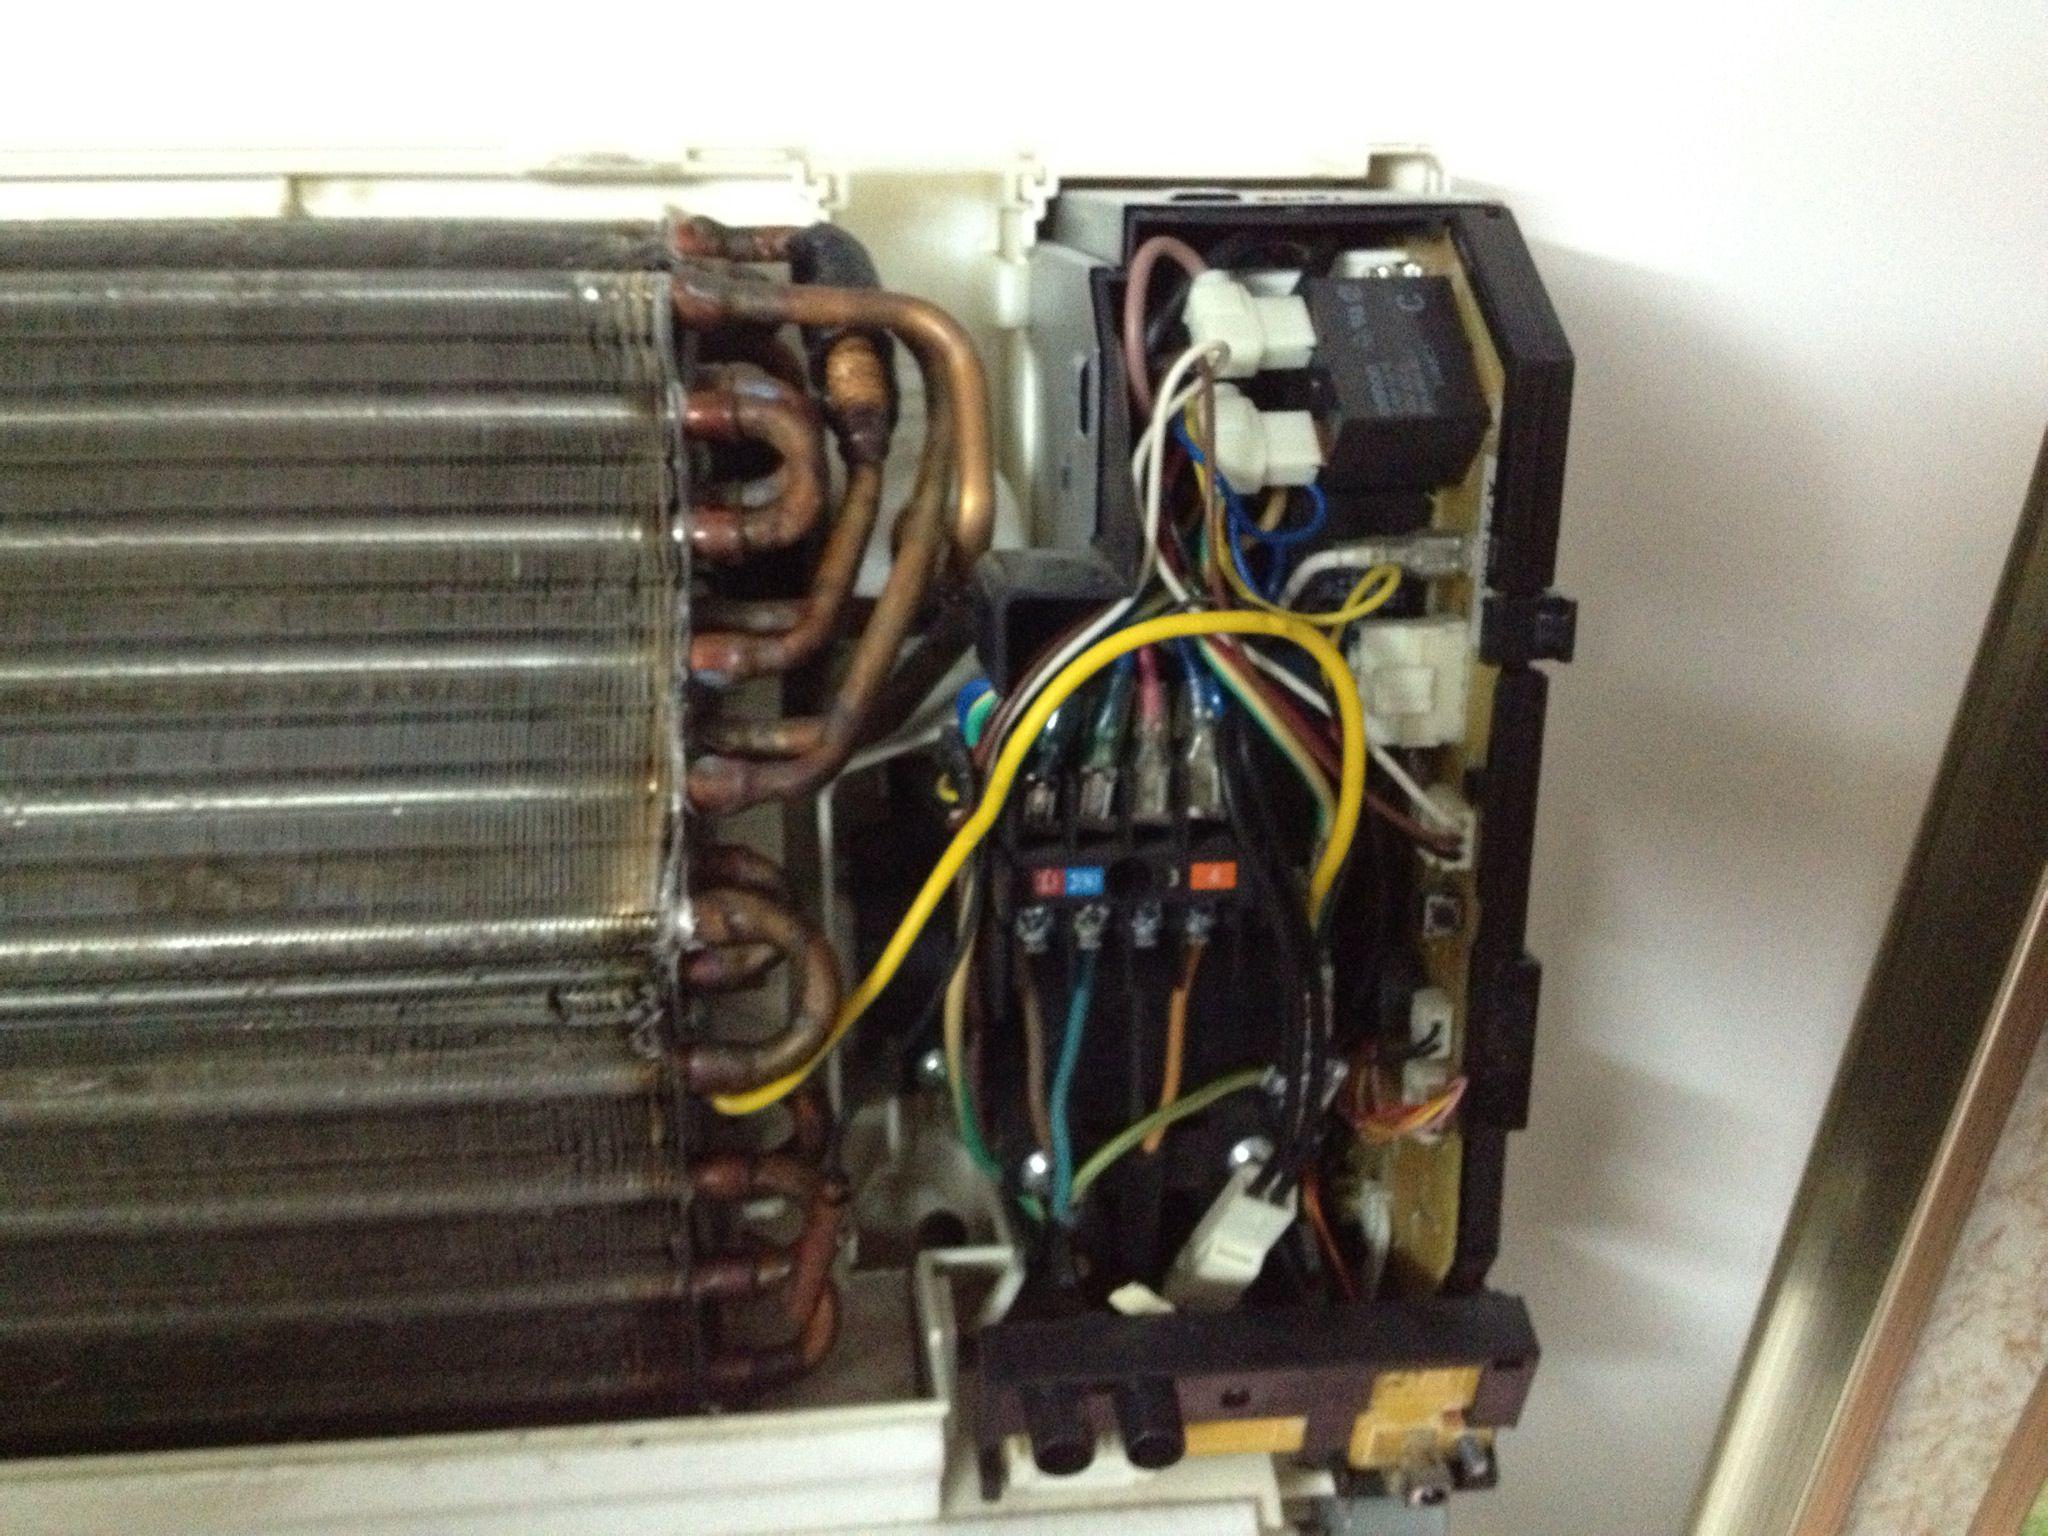 空调感应器_松下挂式空调室内机(2P)进风口温度传感器在哪个位置,怎么找 ...